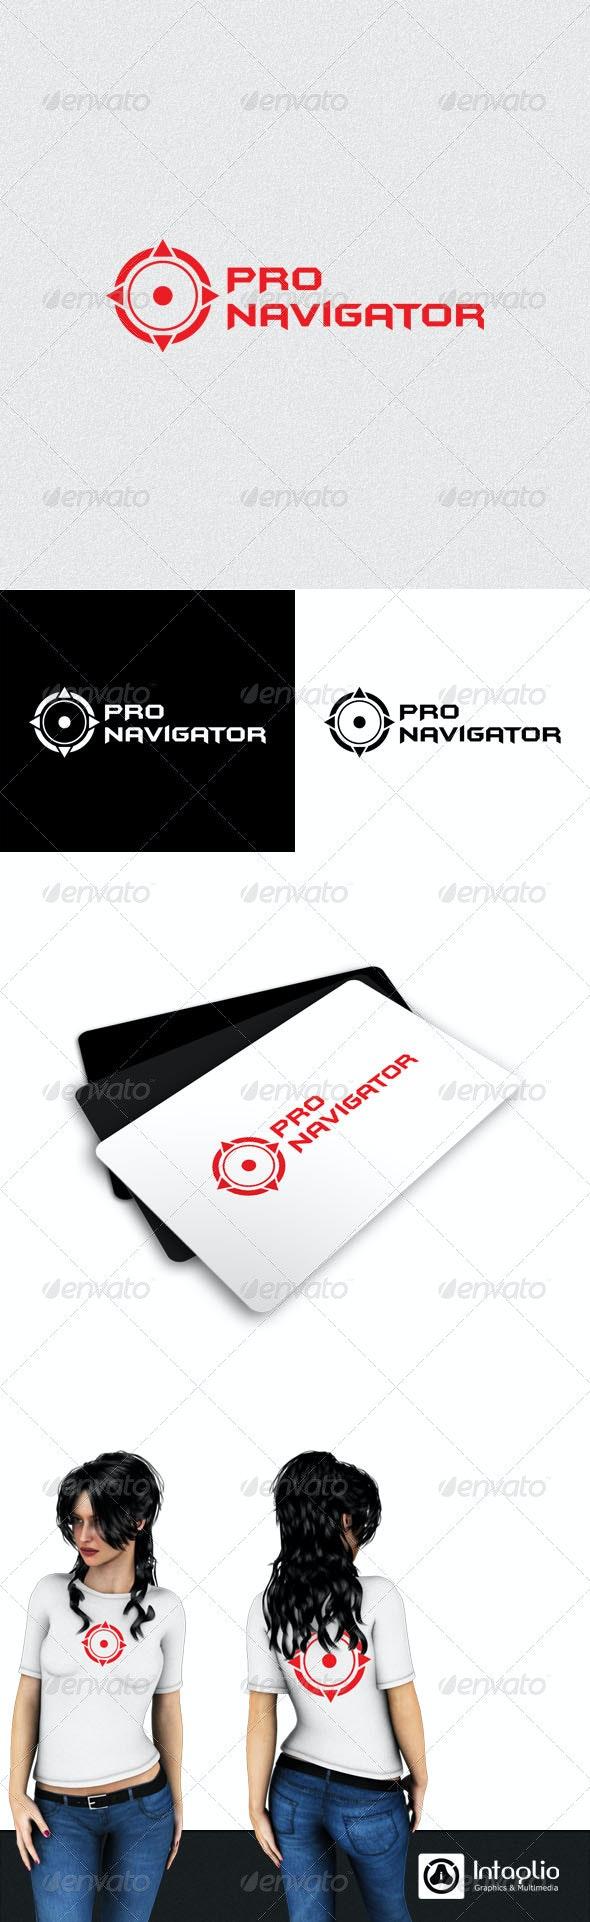 Navigation Logo - Vector Abstract